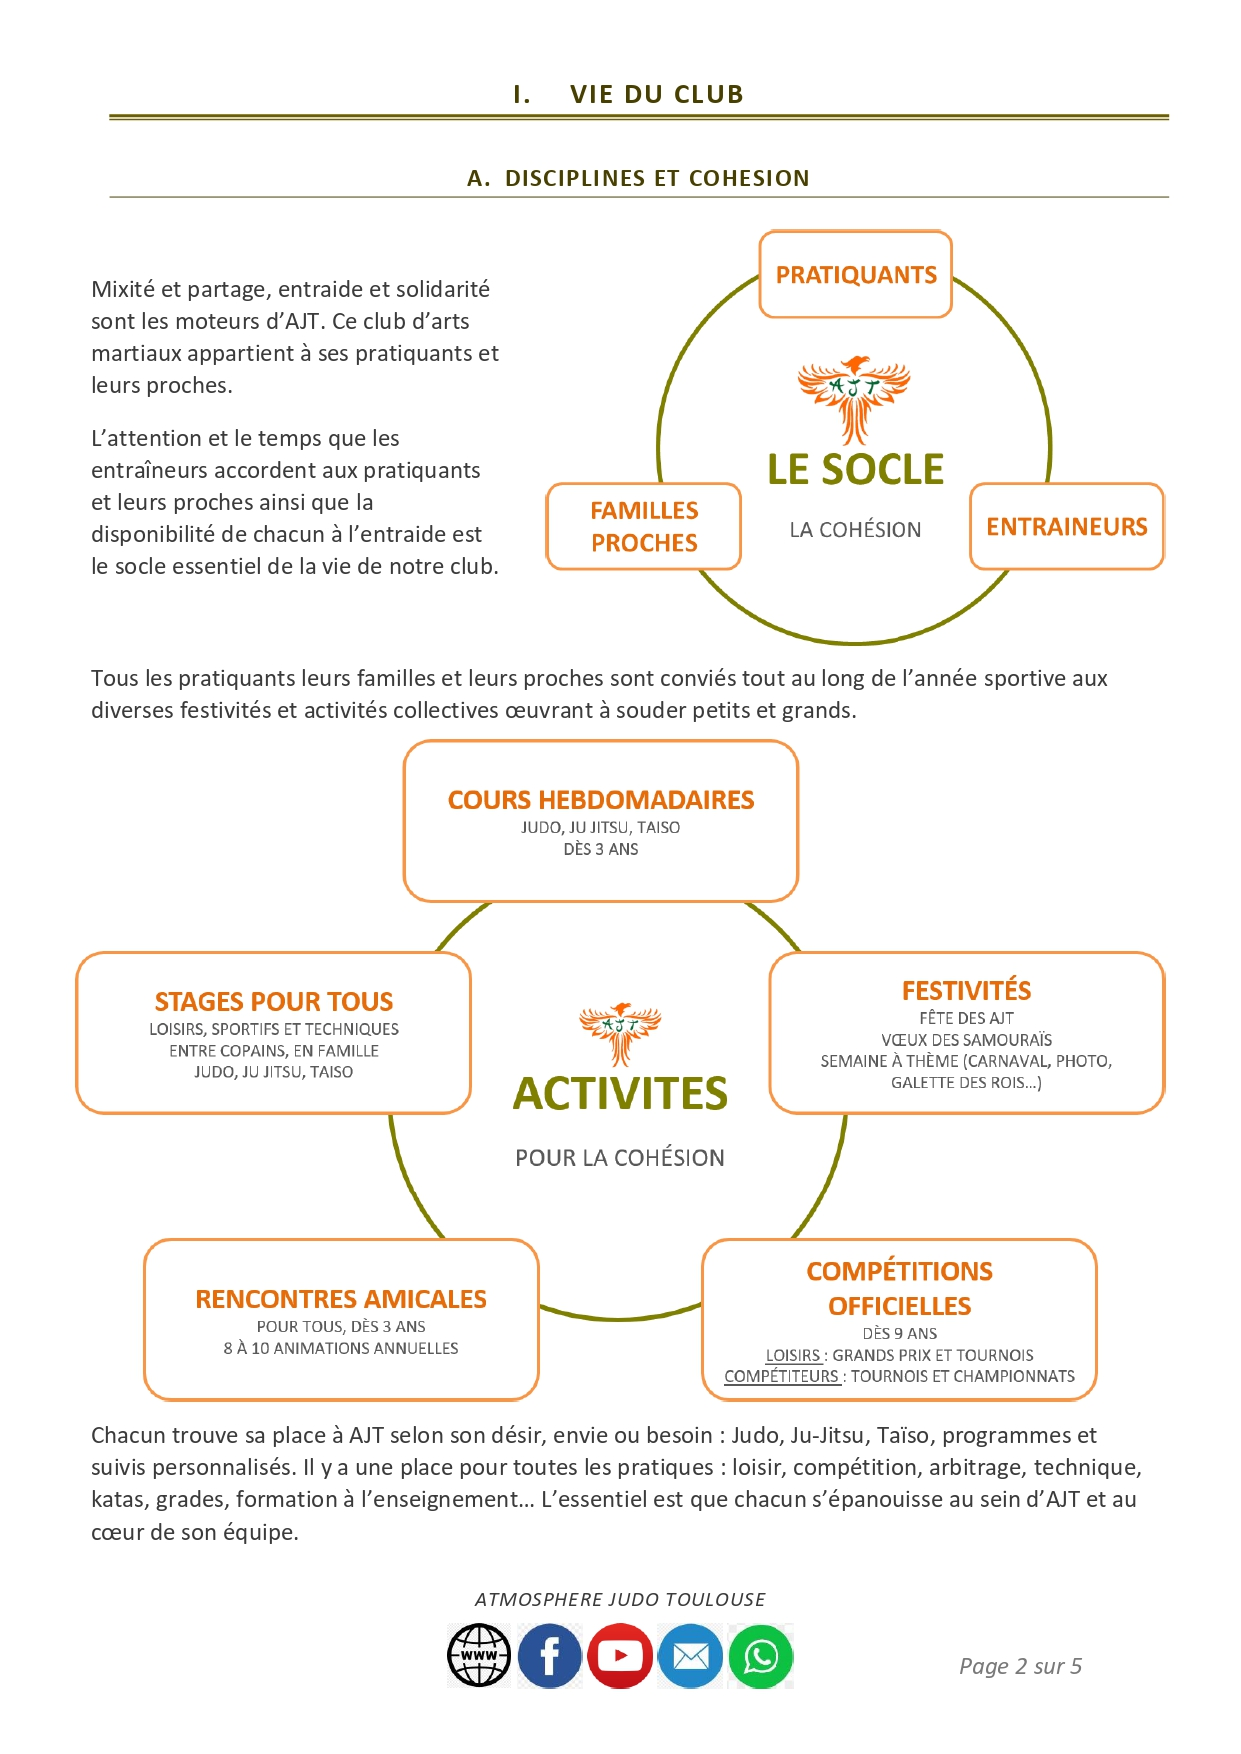 Atmosphère Judo Toulouse - AJT_page-0002